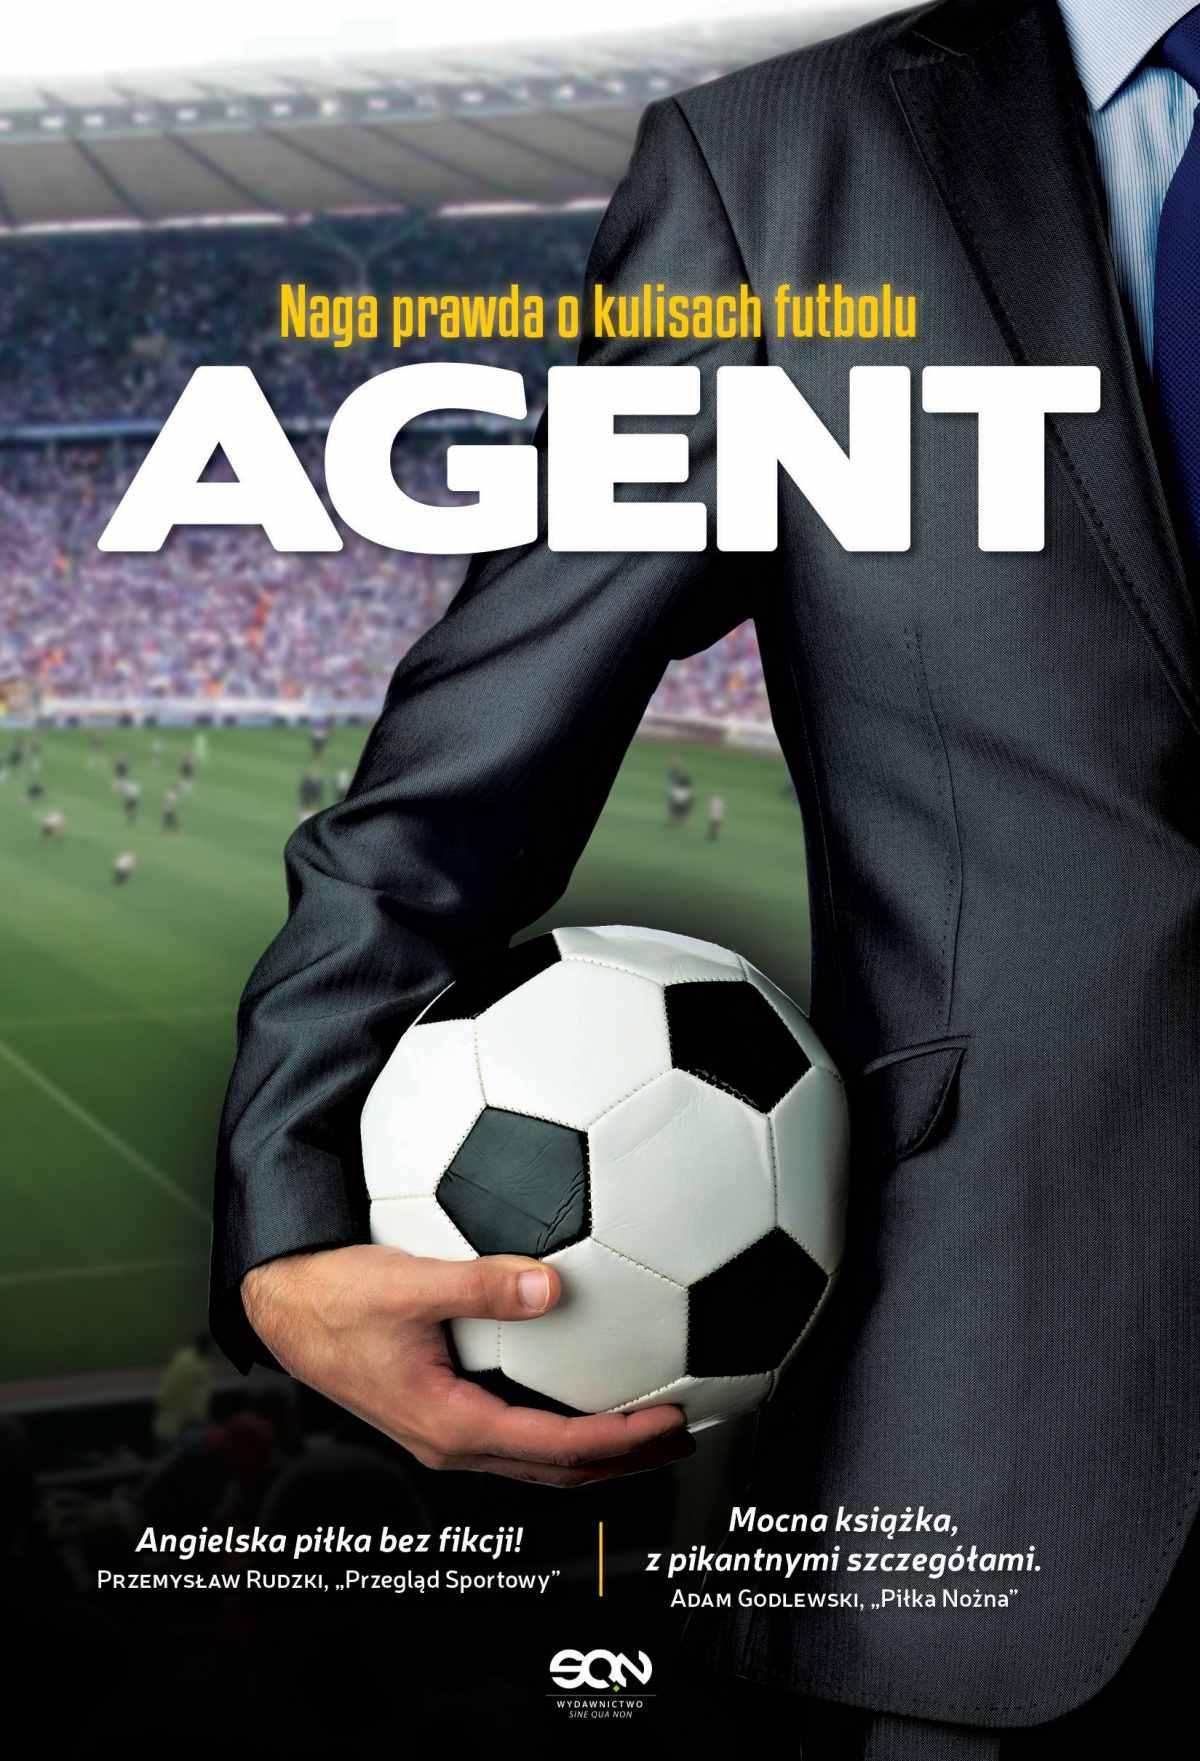 Agent. Naga prawda o kulisach futbolu - Ebook (Książka EPUB) do pobrania w formacie EPUB